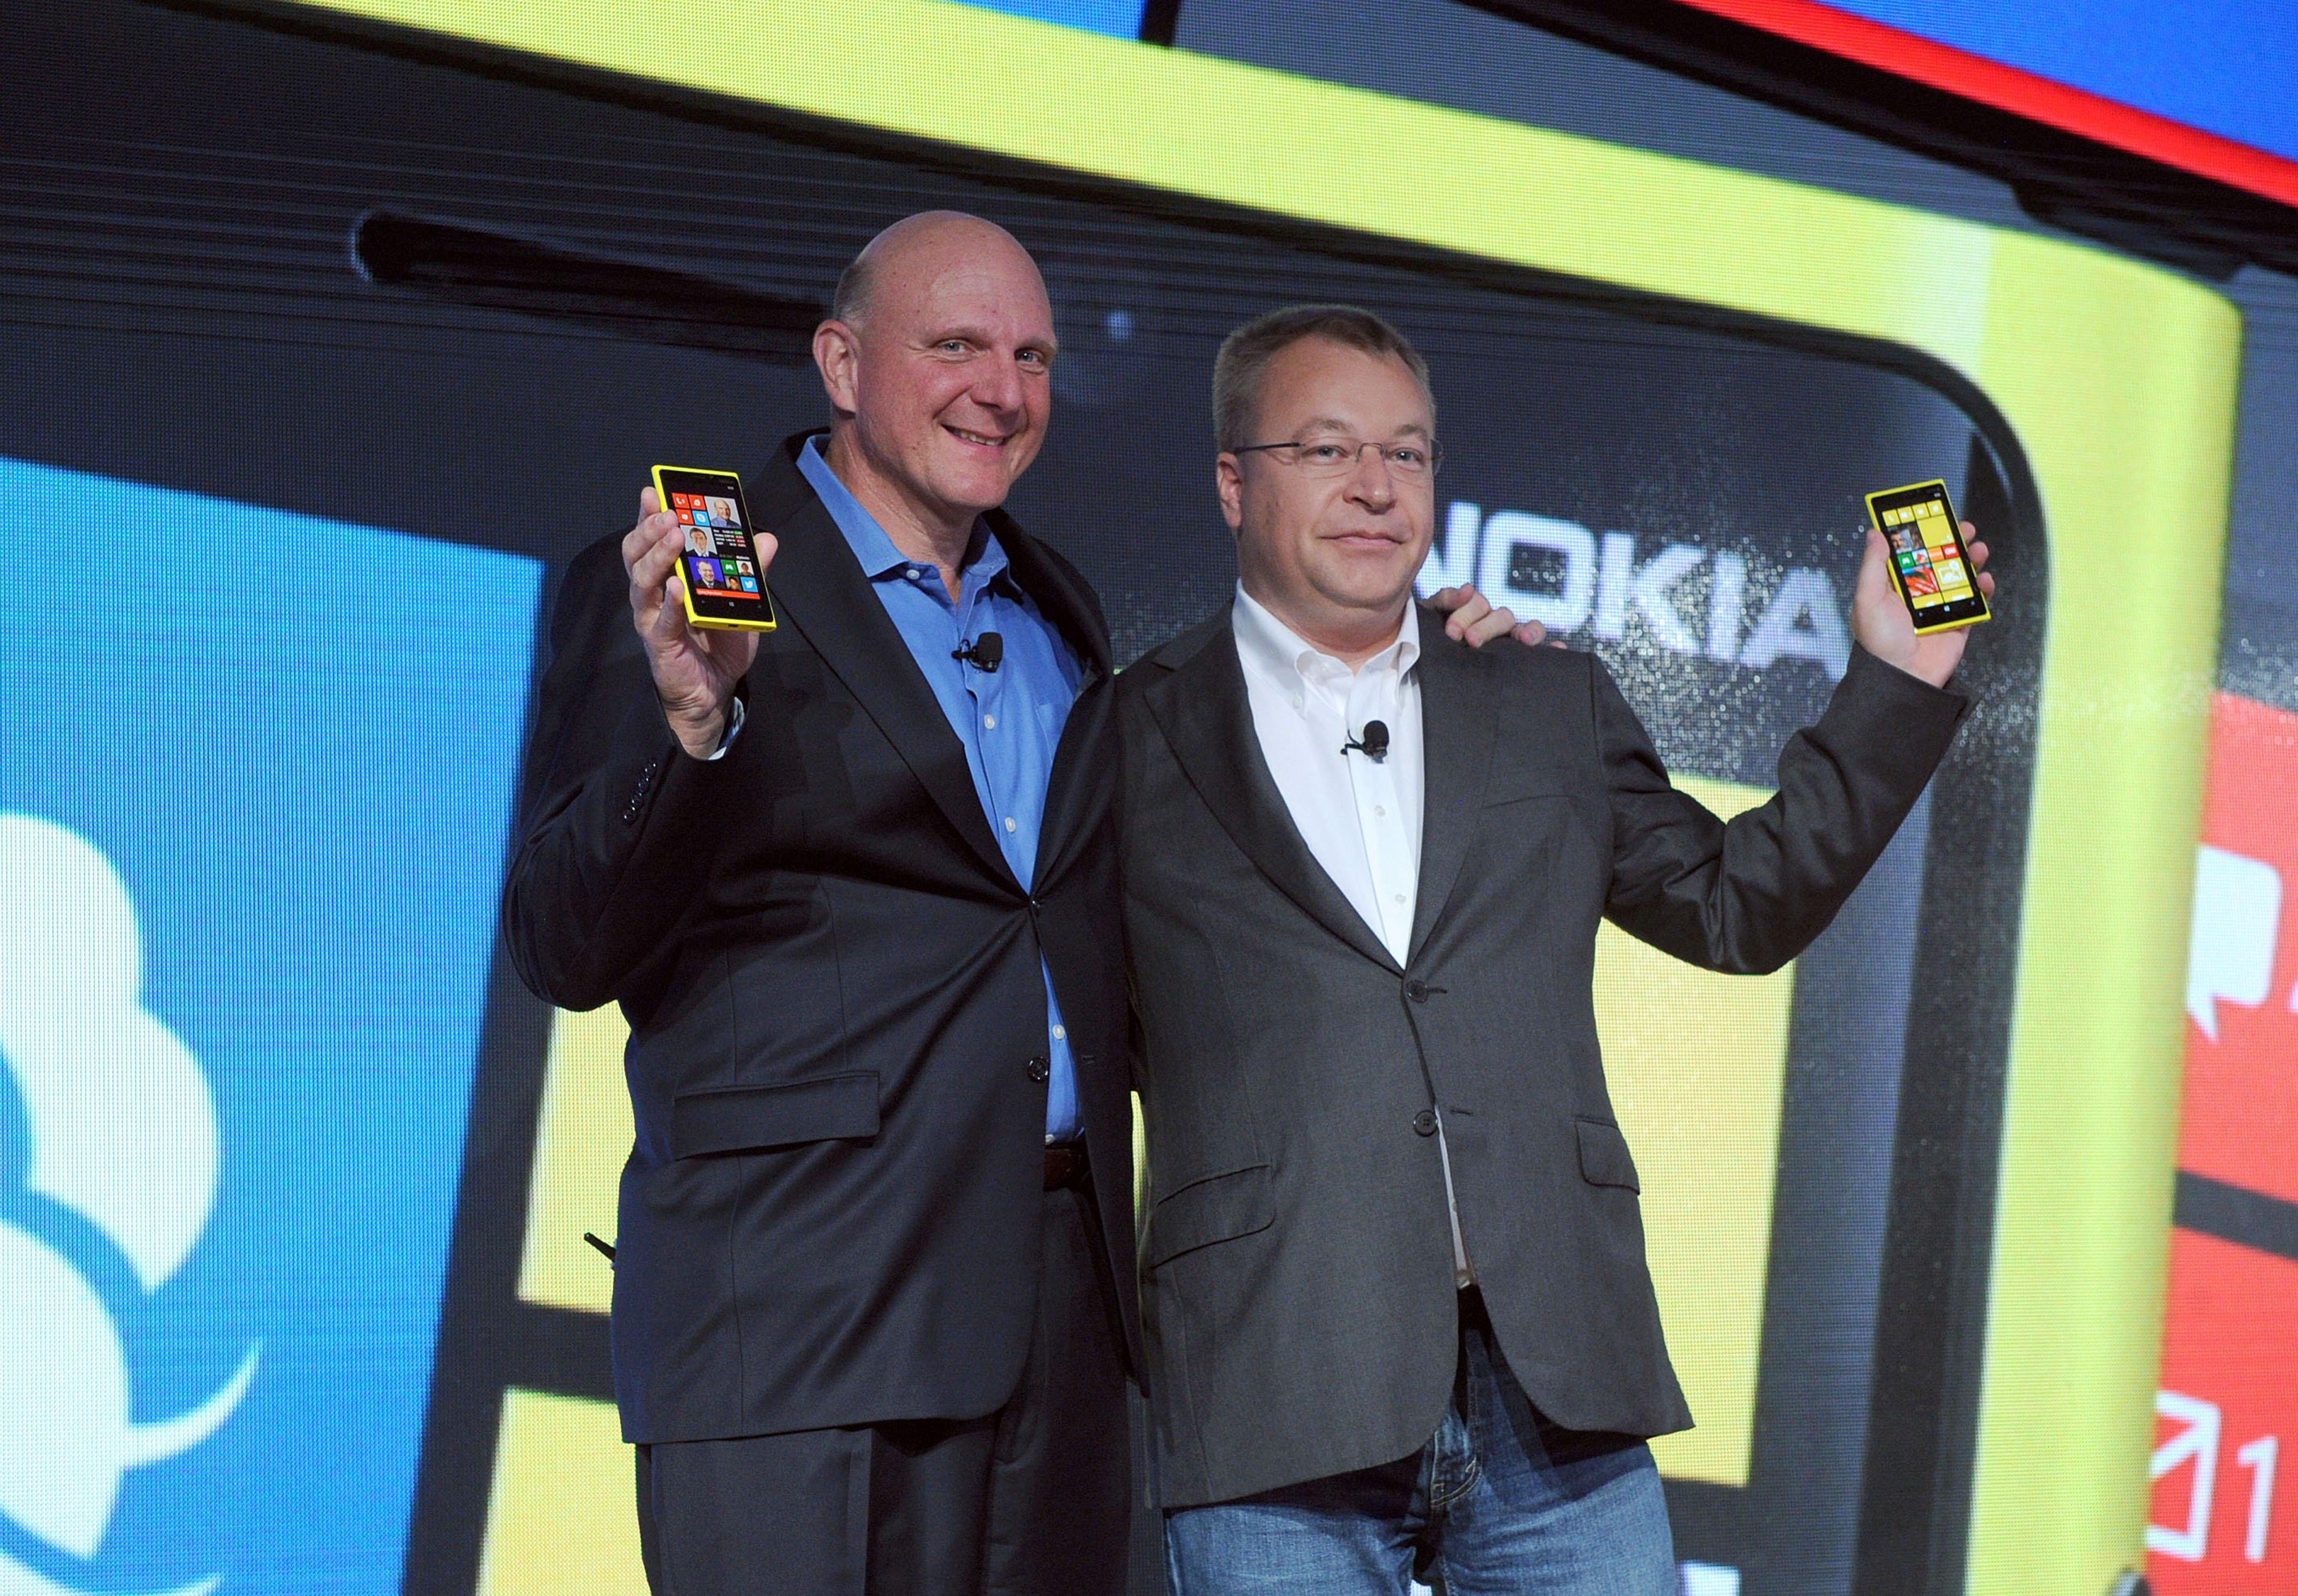 Microsoft CEO Steve Ballmer (l.) und Nokia-Chef Stephen Elop stellten 2012 das neue Nokia Lumia 920 mit dem Betriebssystem von Microsoft vor. Jetzt übernimmt Microsoft den früheren Handy-Marktführer und 32 000 Nokia-Mitarbeiter, darunter auch Stephen Elop.